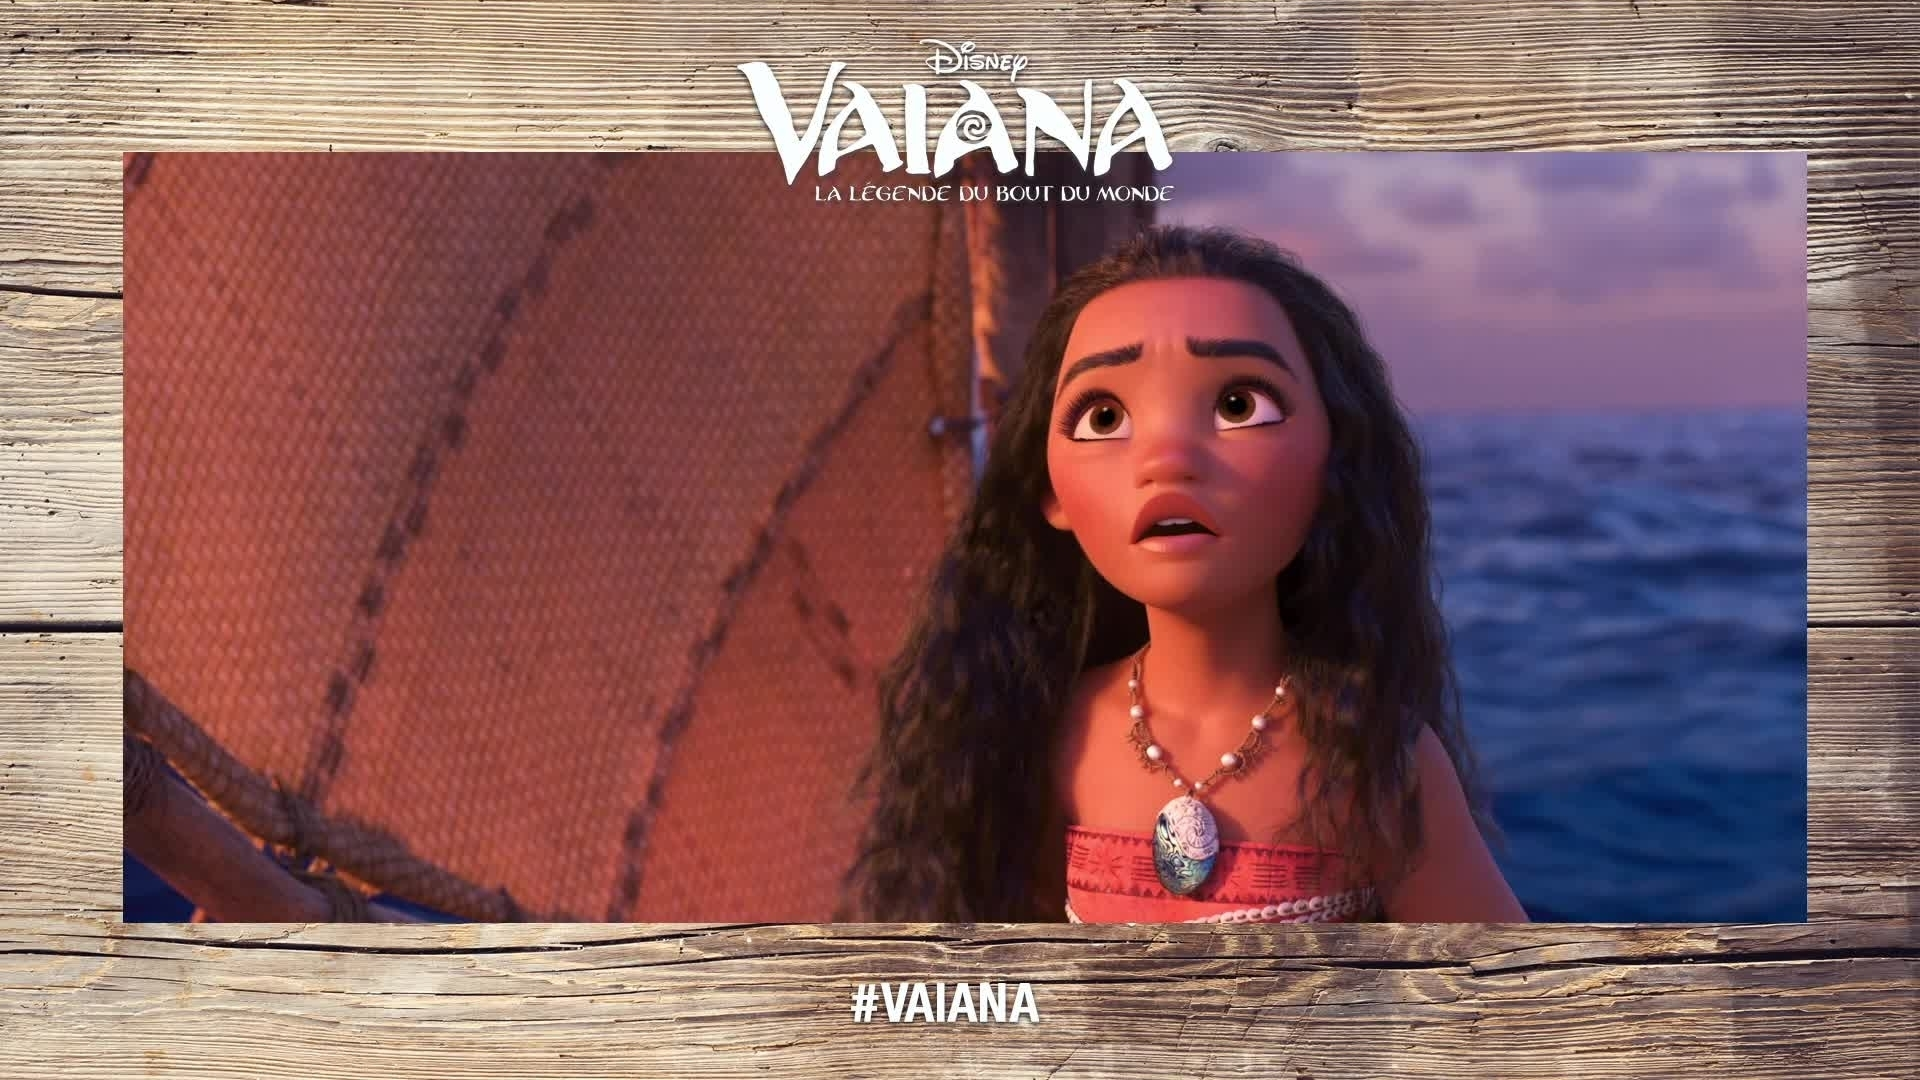 Les voix de Vaiana : l'héroïne